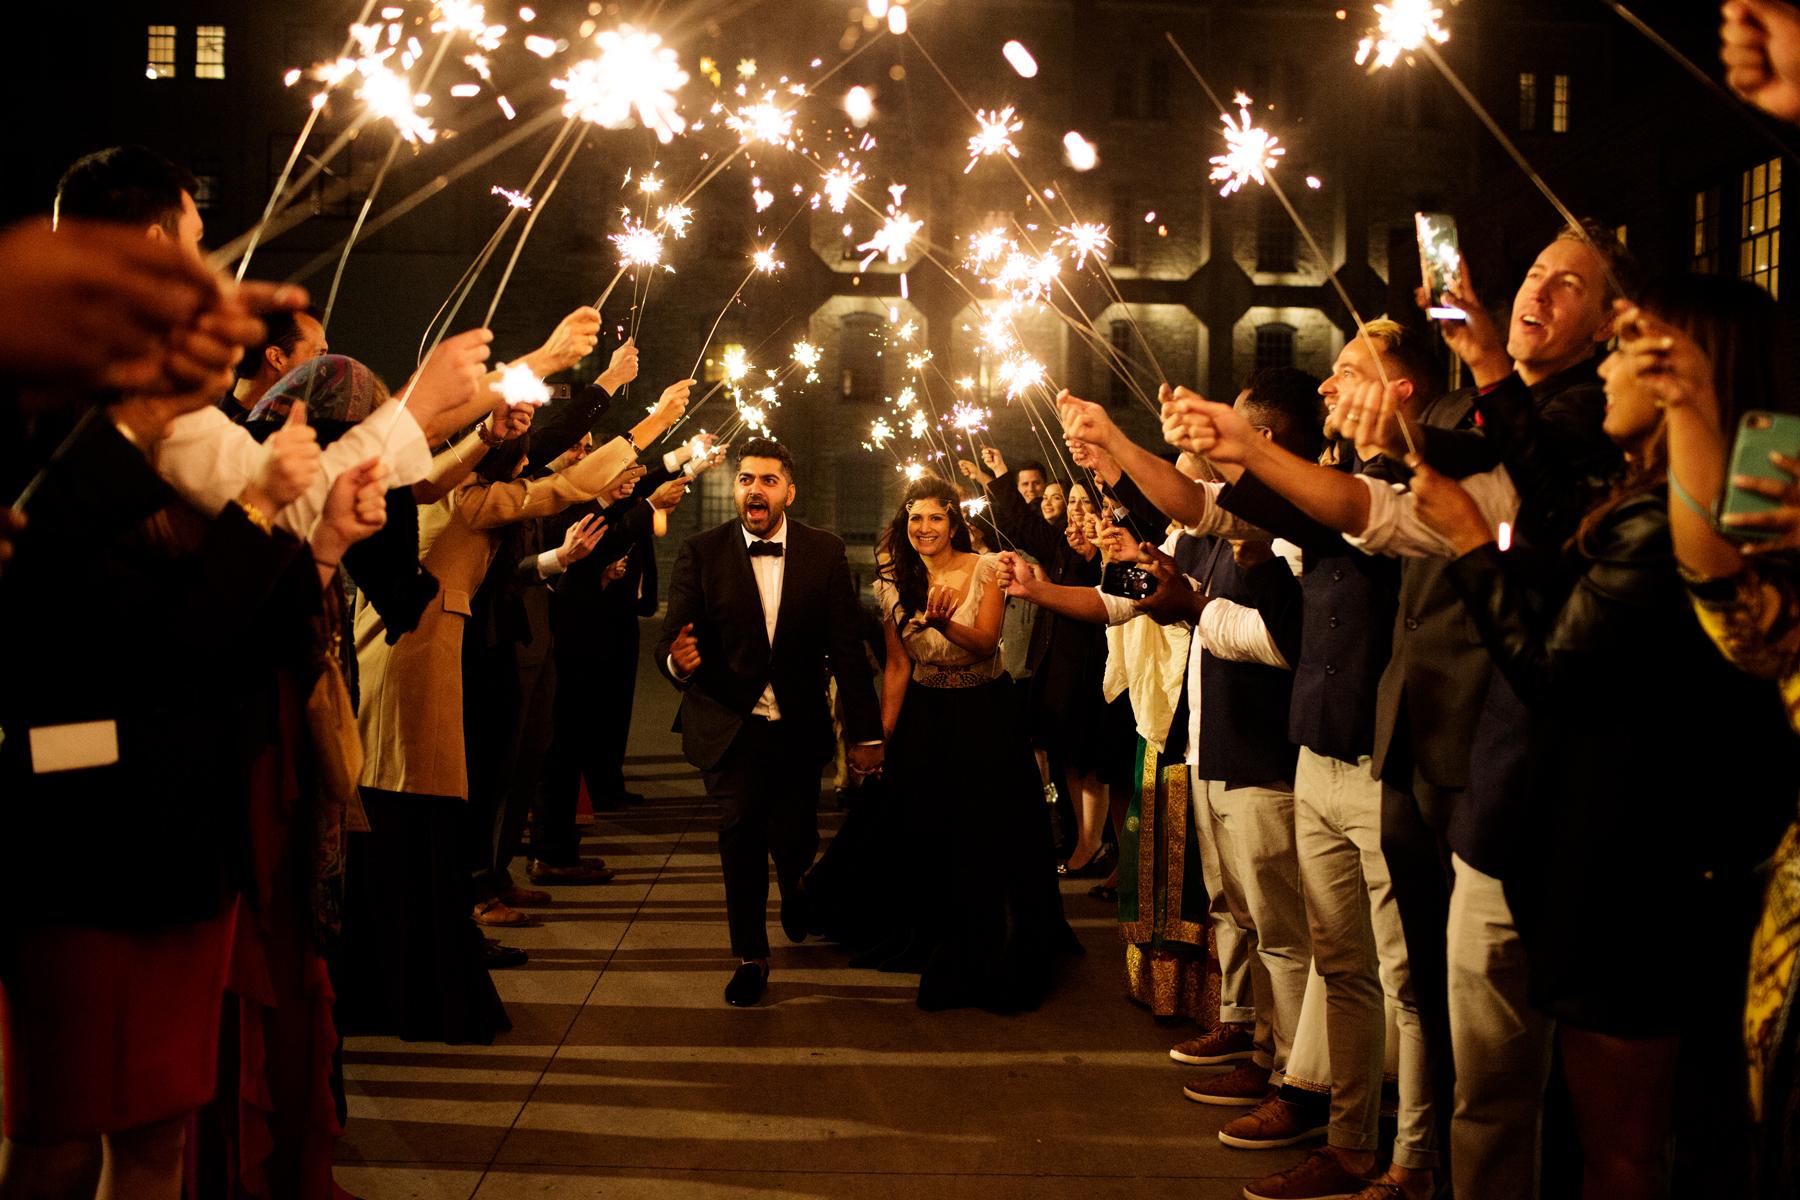 bride and groom sparkler send off after reception